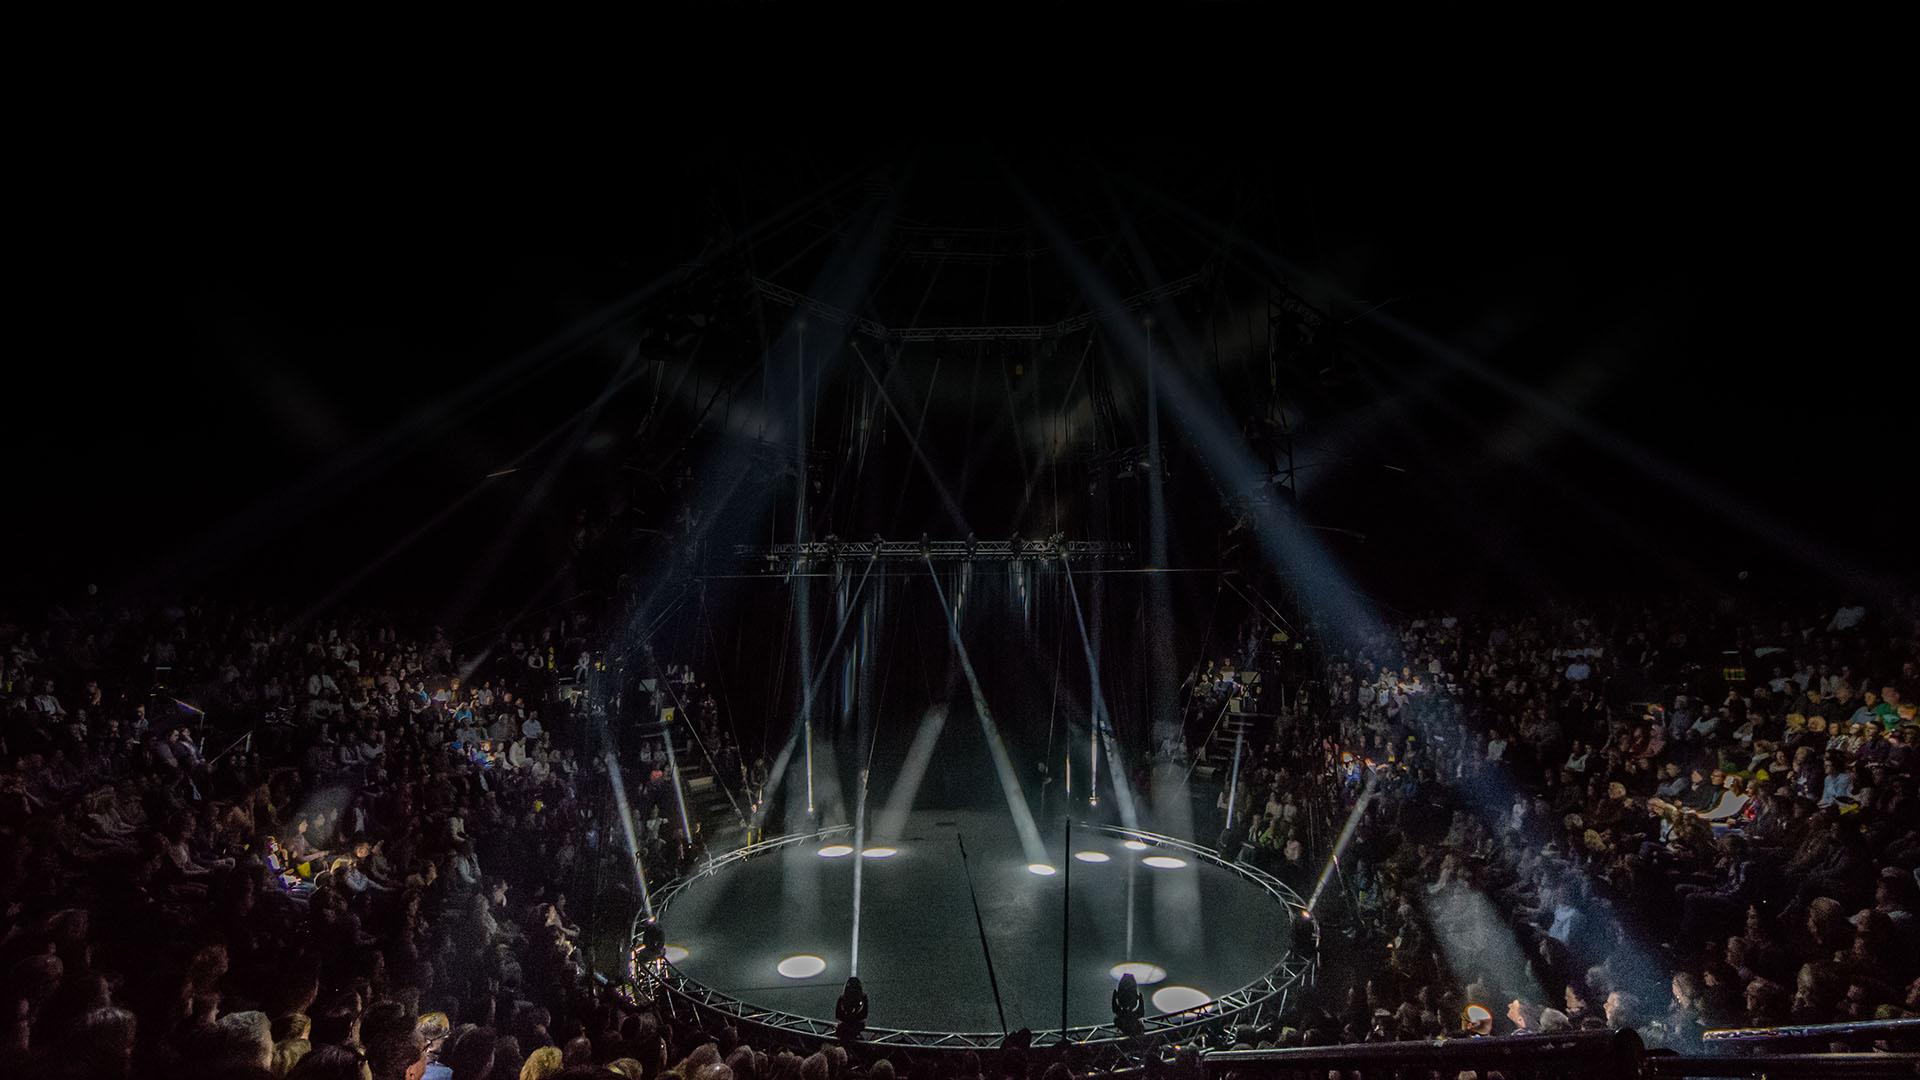 Eine Show voll Action, Adrenalin, Artistik auf der Bühne